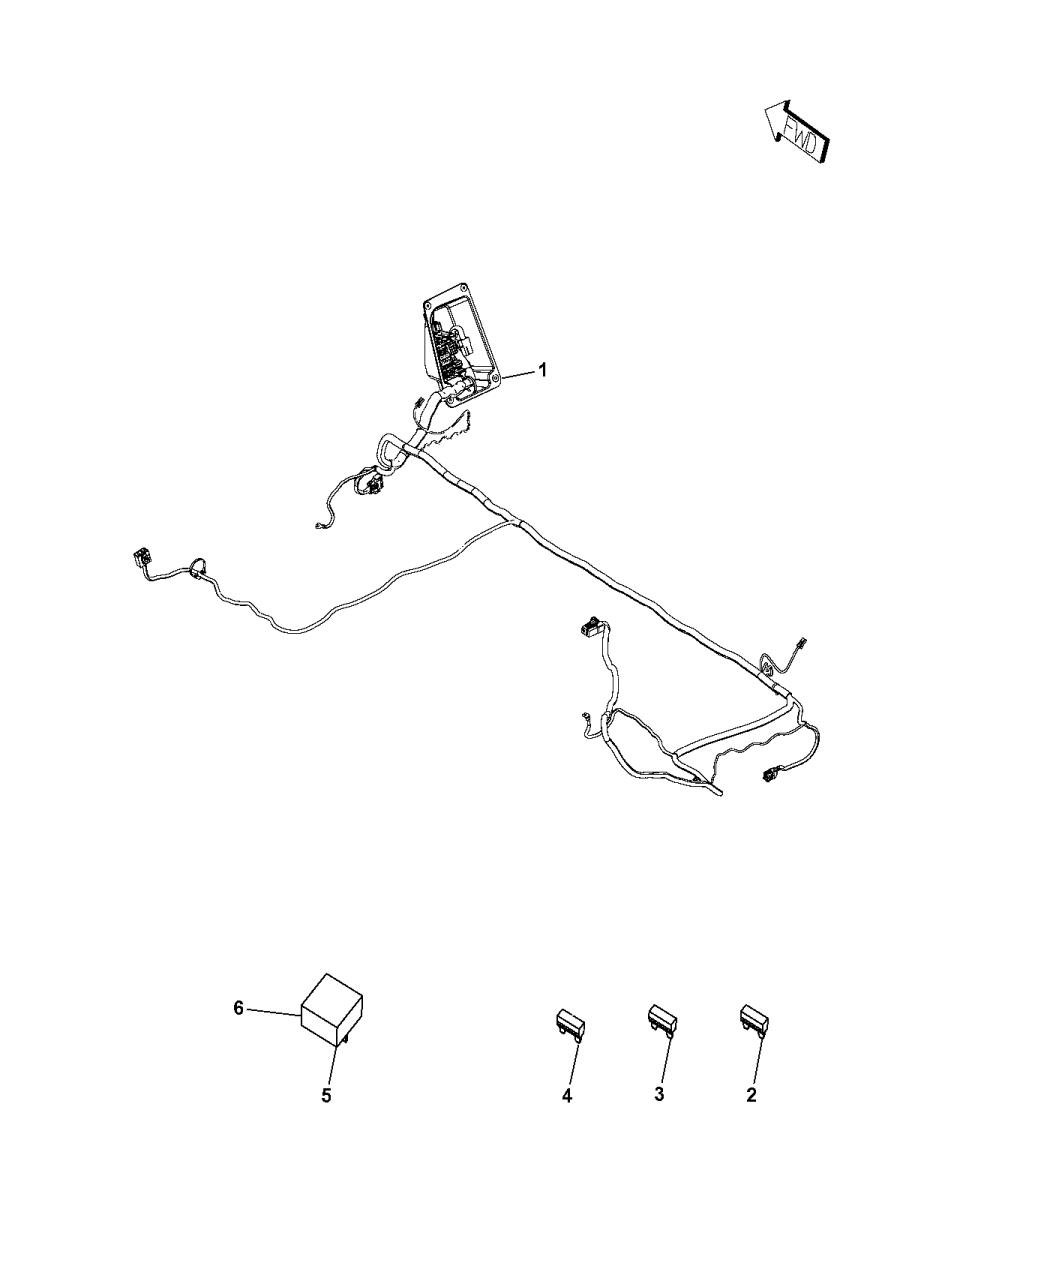 Ram Promaster Wiring Diagram on